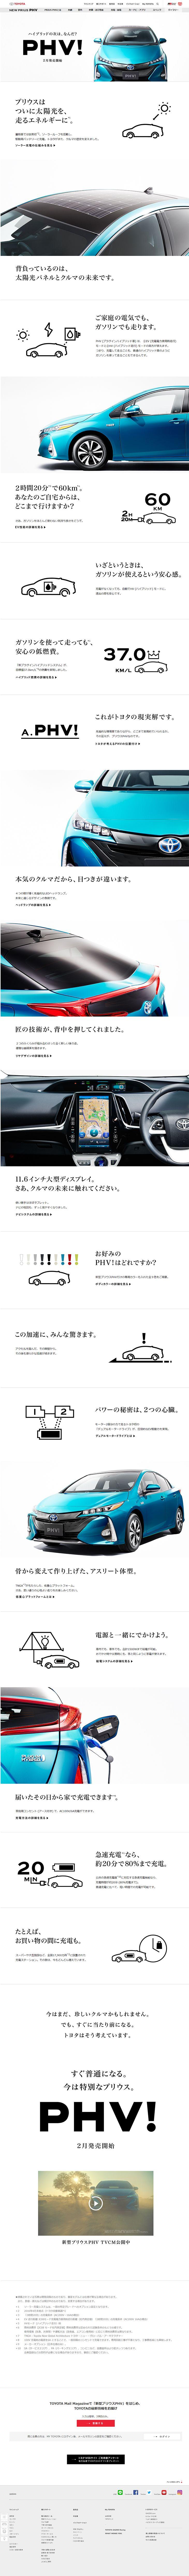 プリウスPHV【車・バイク関連】のLPデザイン。WEBデザイナーさん必見!ランディングページのデザイン参考に(シンプル系)